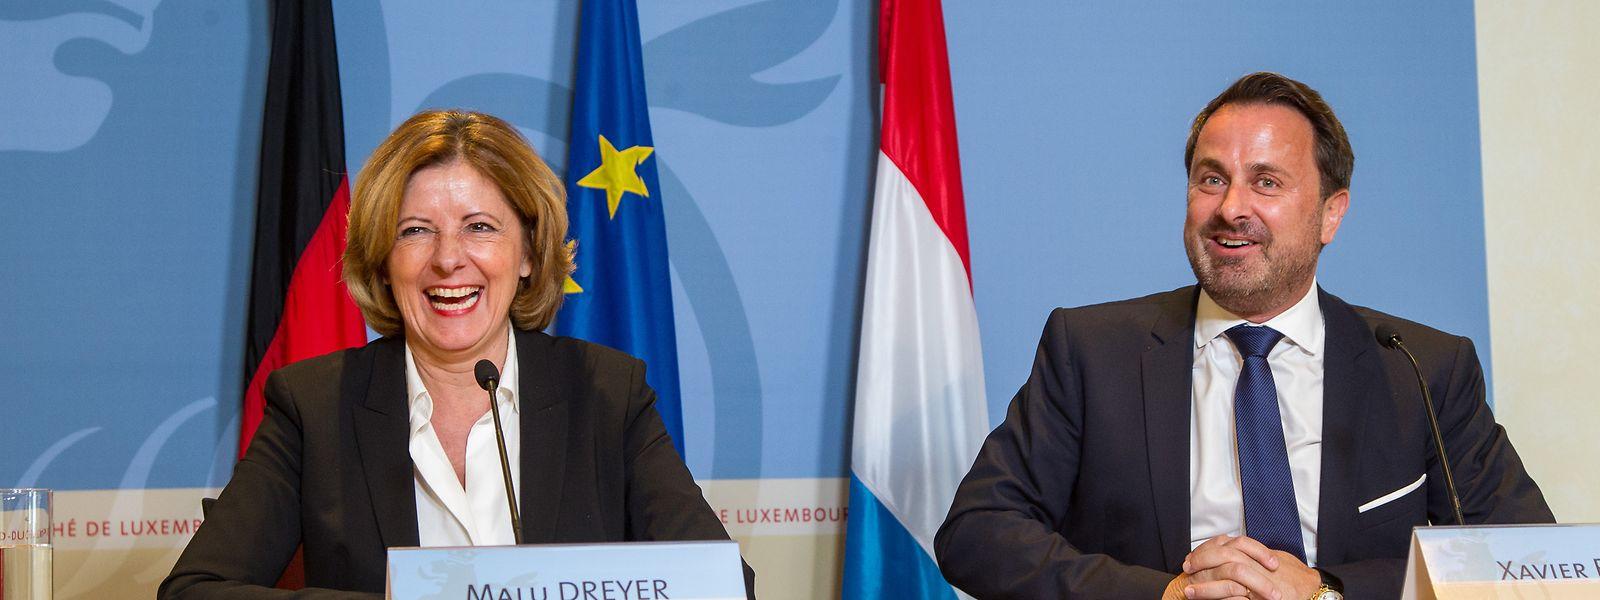 Malu Dreyer, Ministerpräsidentin von Rheinland-Pfalz, hier in einem Archivfoto mit Premierminister Xavier Bettel zu sehen, hat die deutsche Bundesregierung um eine Aufhebung von Luxemburgs Status als Risikogebiet gebeten.